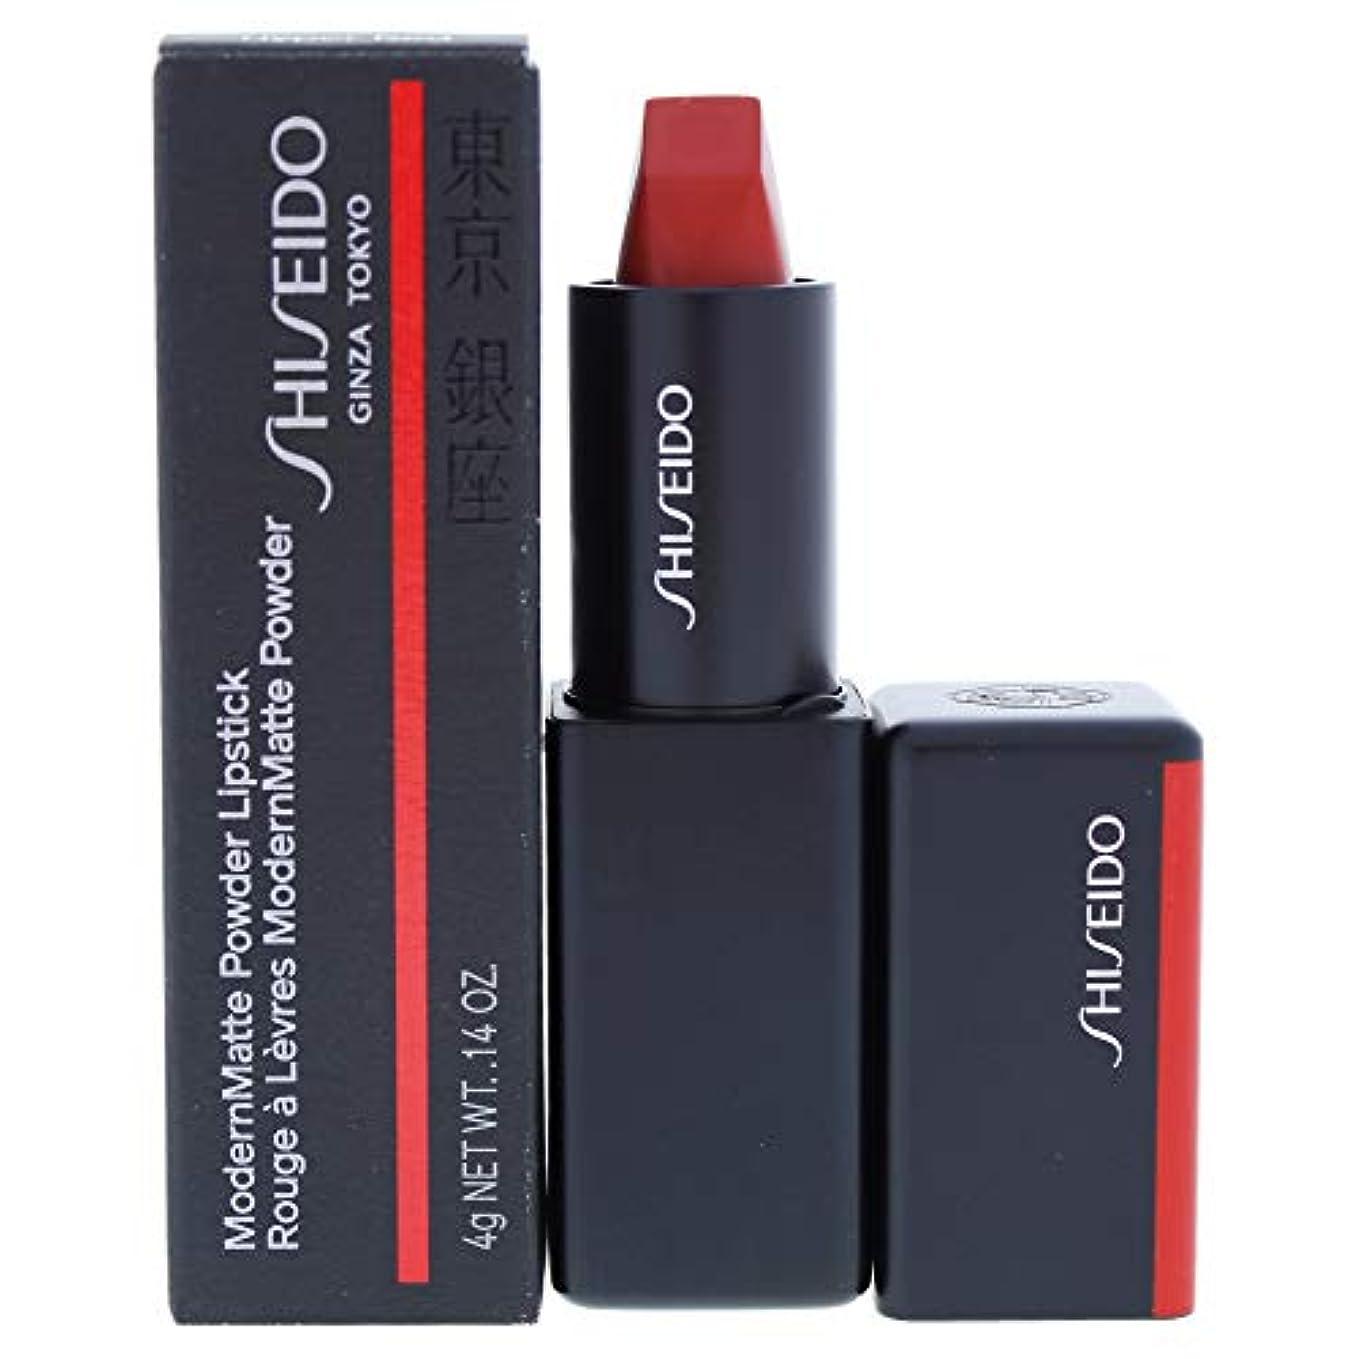 受け継ぐ骨髄販売員資生堂 ModernMatte Powder Lipstick - # 514 Hyper Red (True Red) 4g/0.14oz並行輸入品